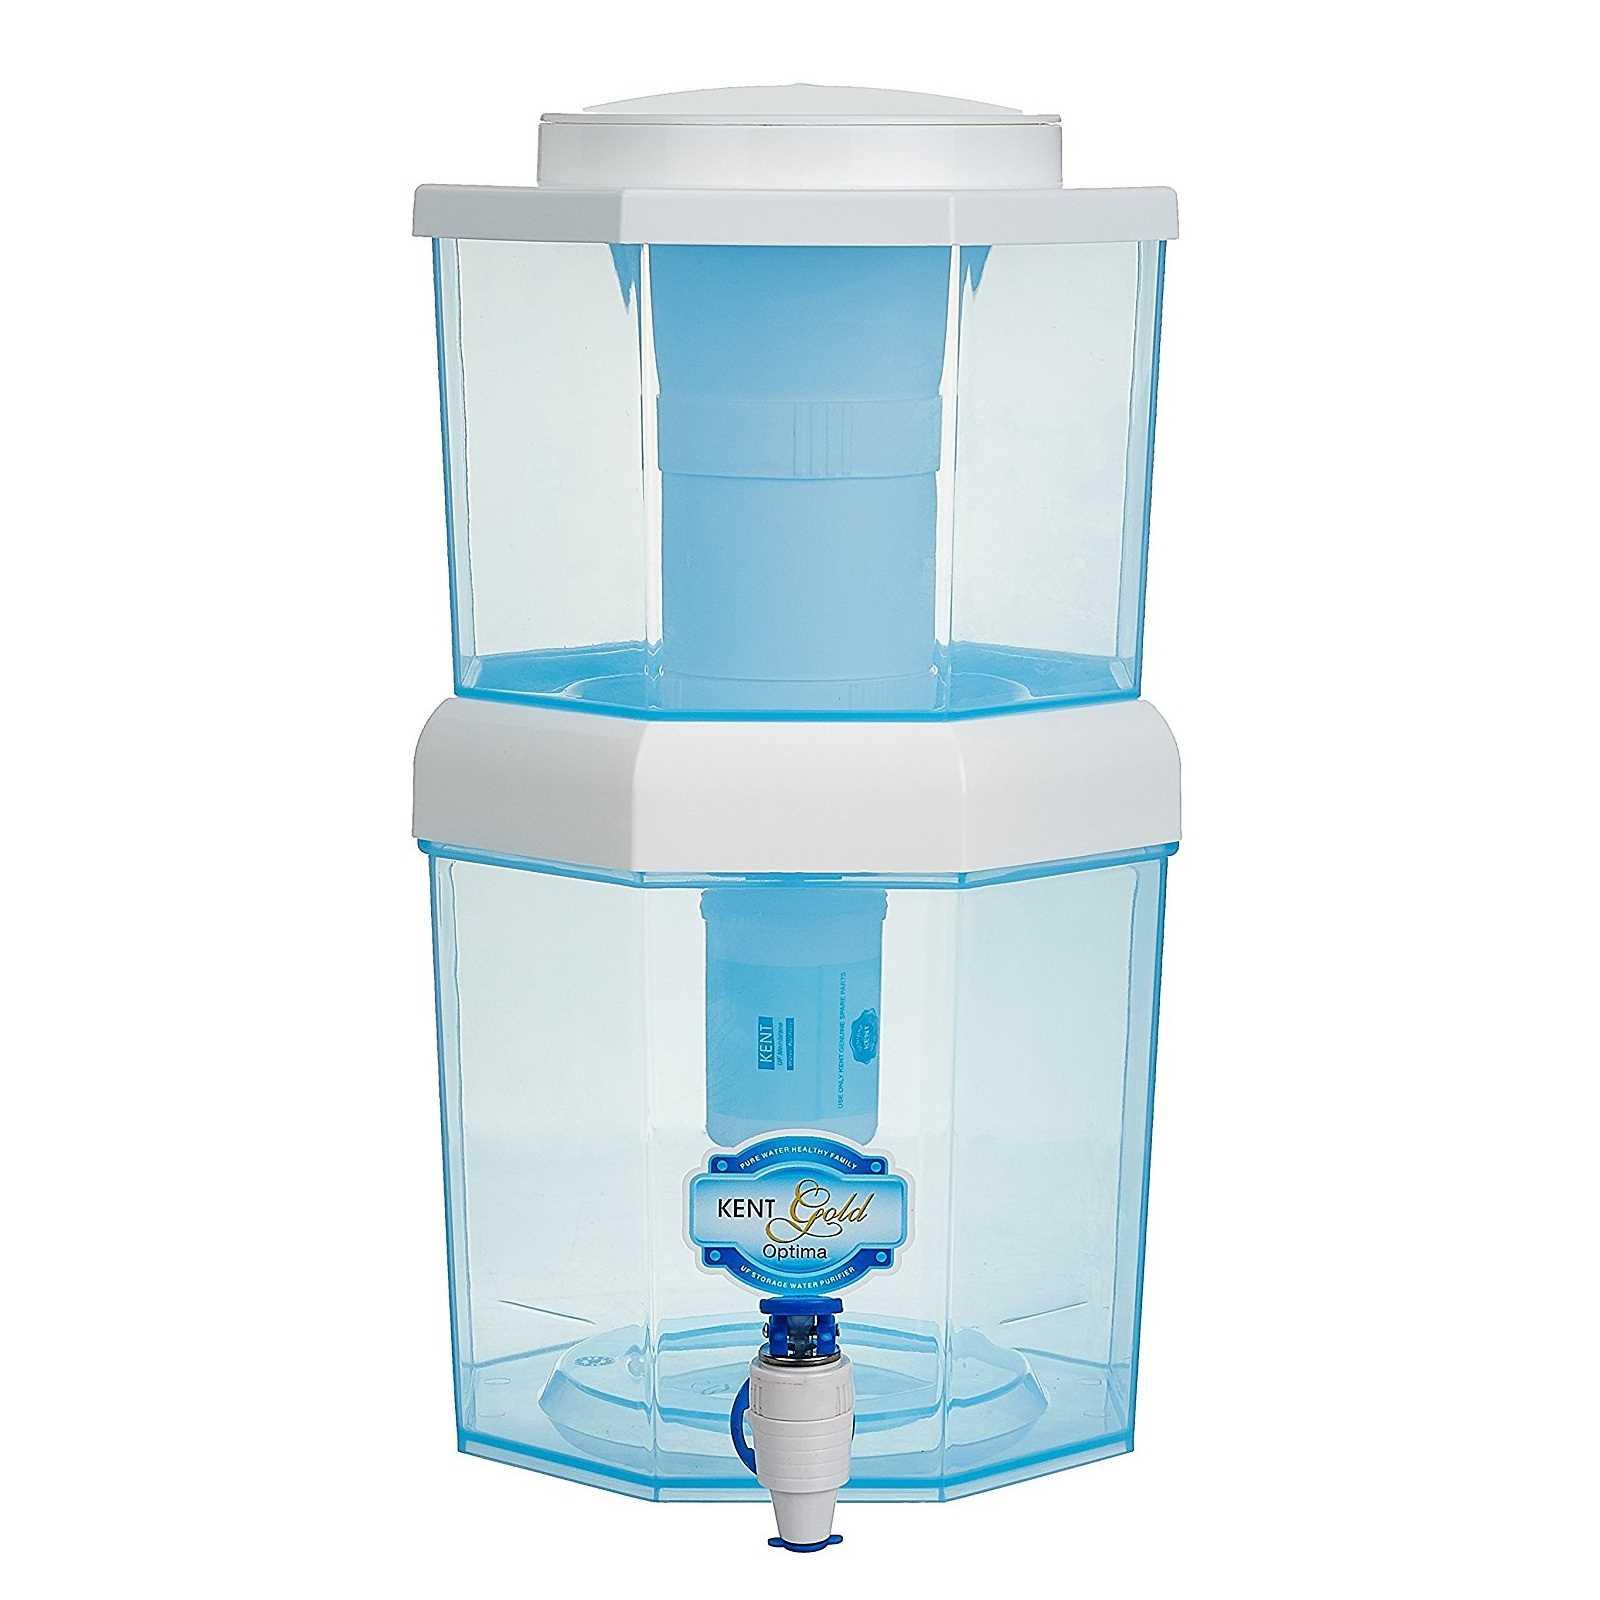 Kent Gold Optima 10 Litre Water Purifier